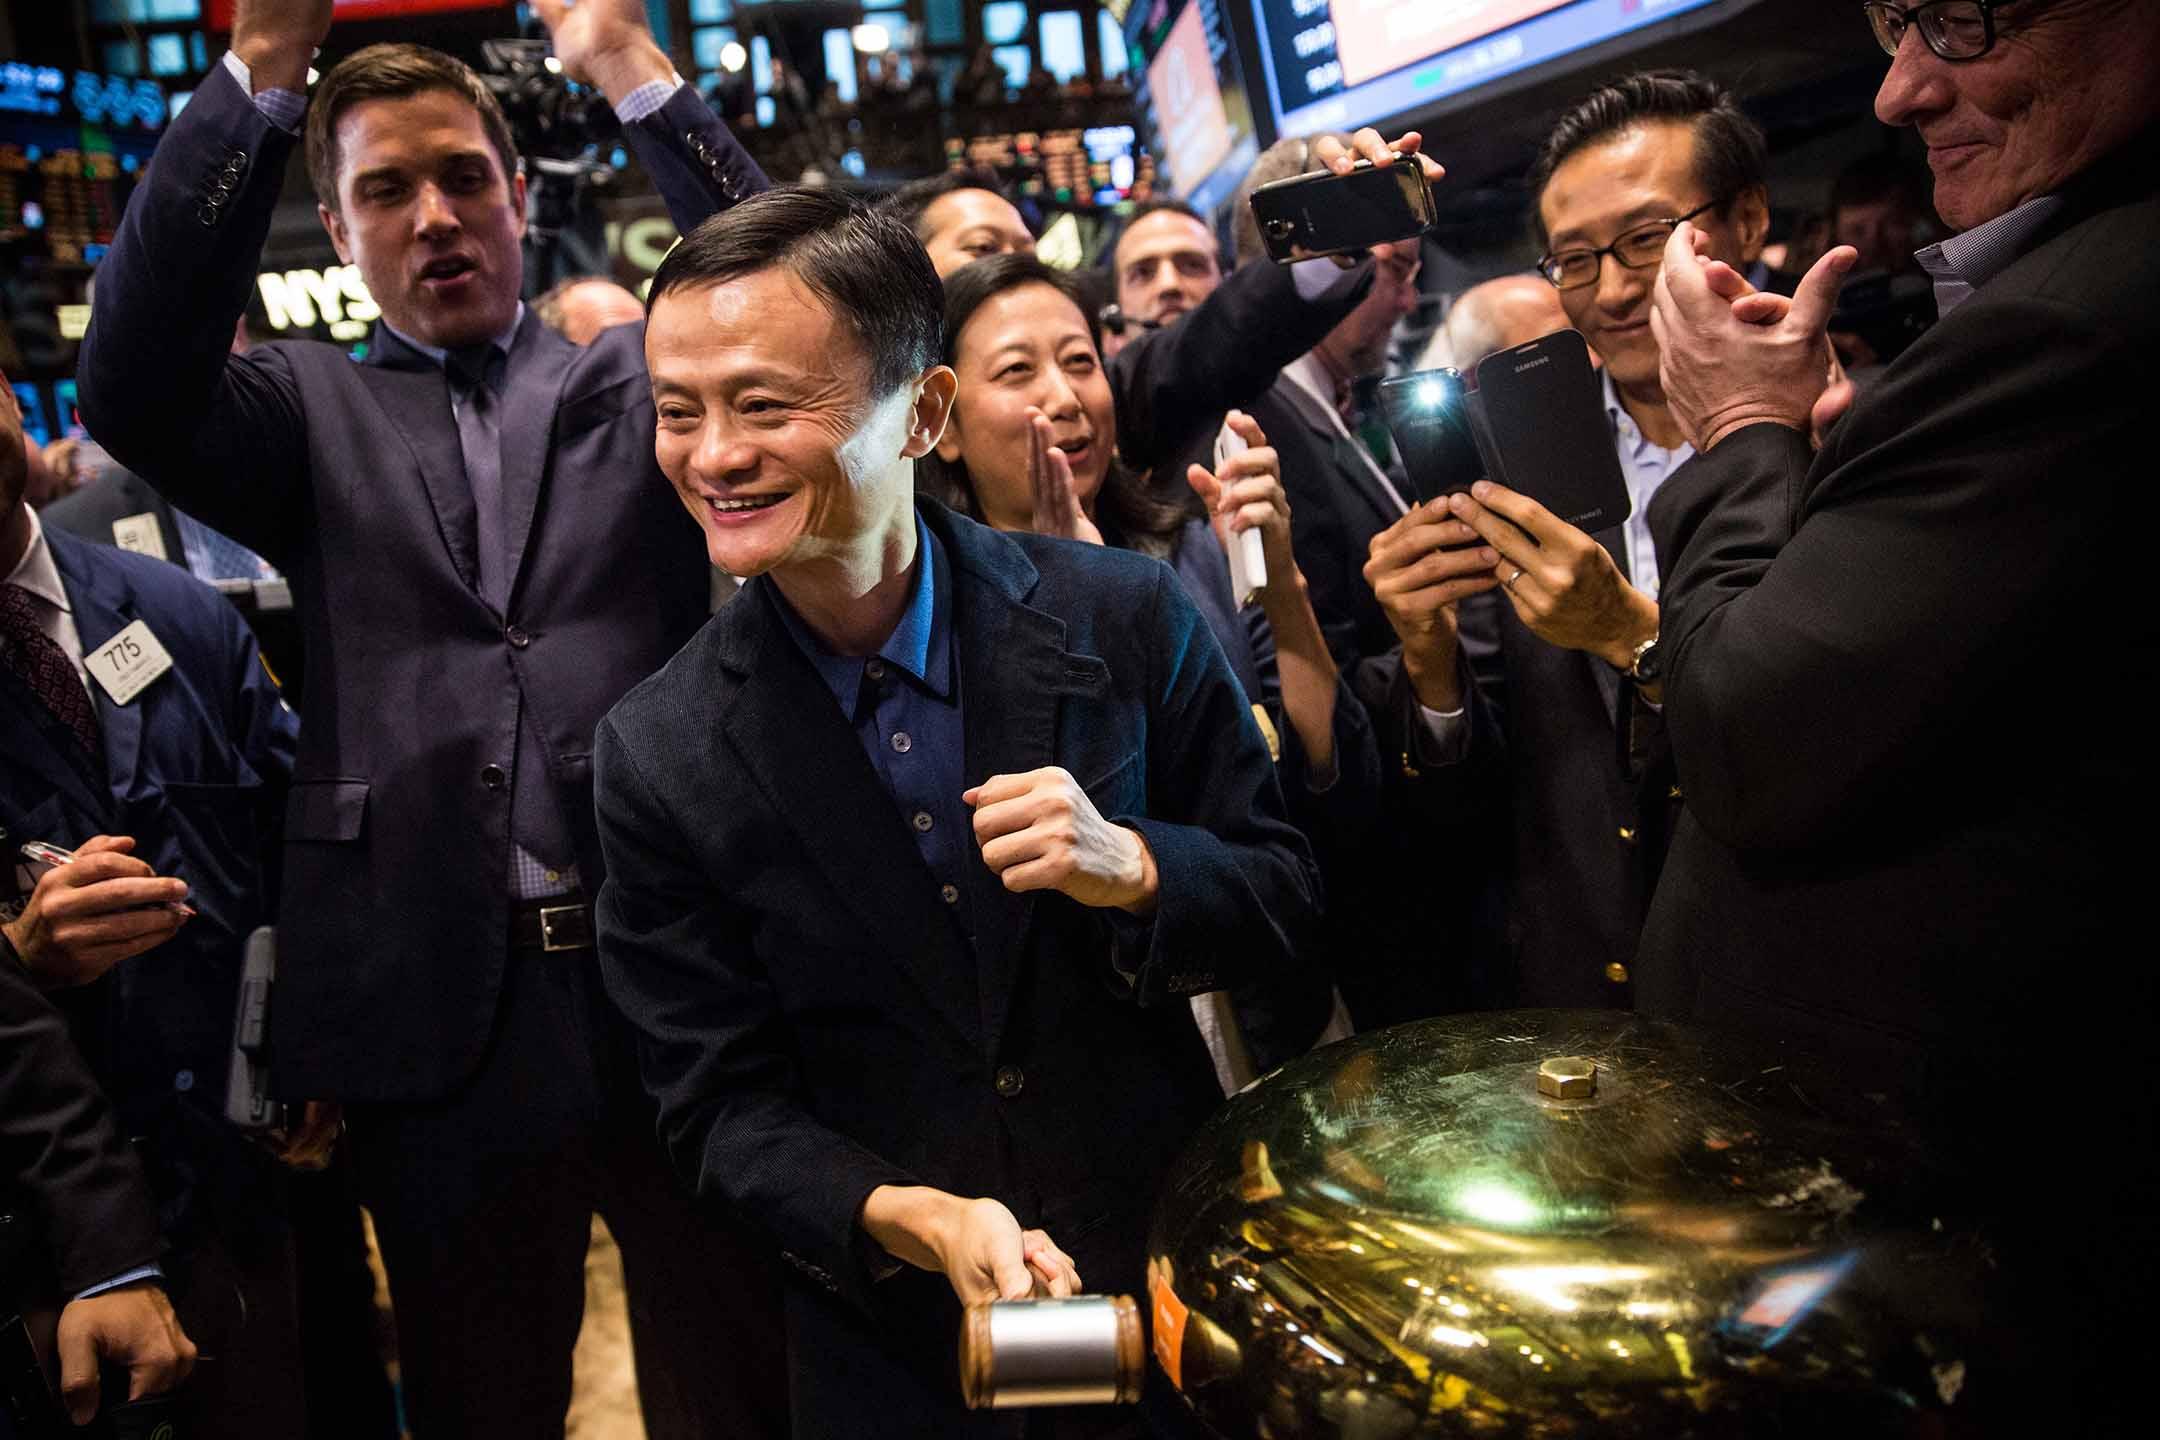 2014年9月19日紐約,阿里巴巴集團創始人馬雲在紐約證券交易所首次公開募股期間。